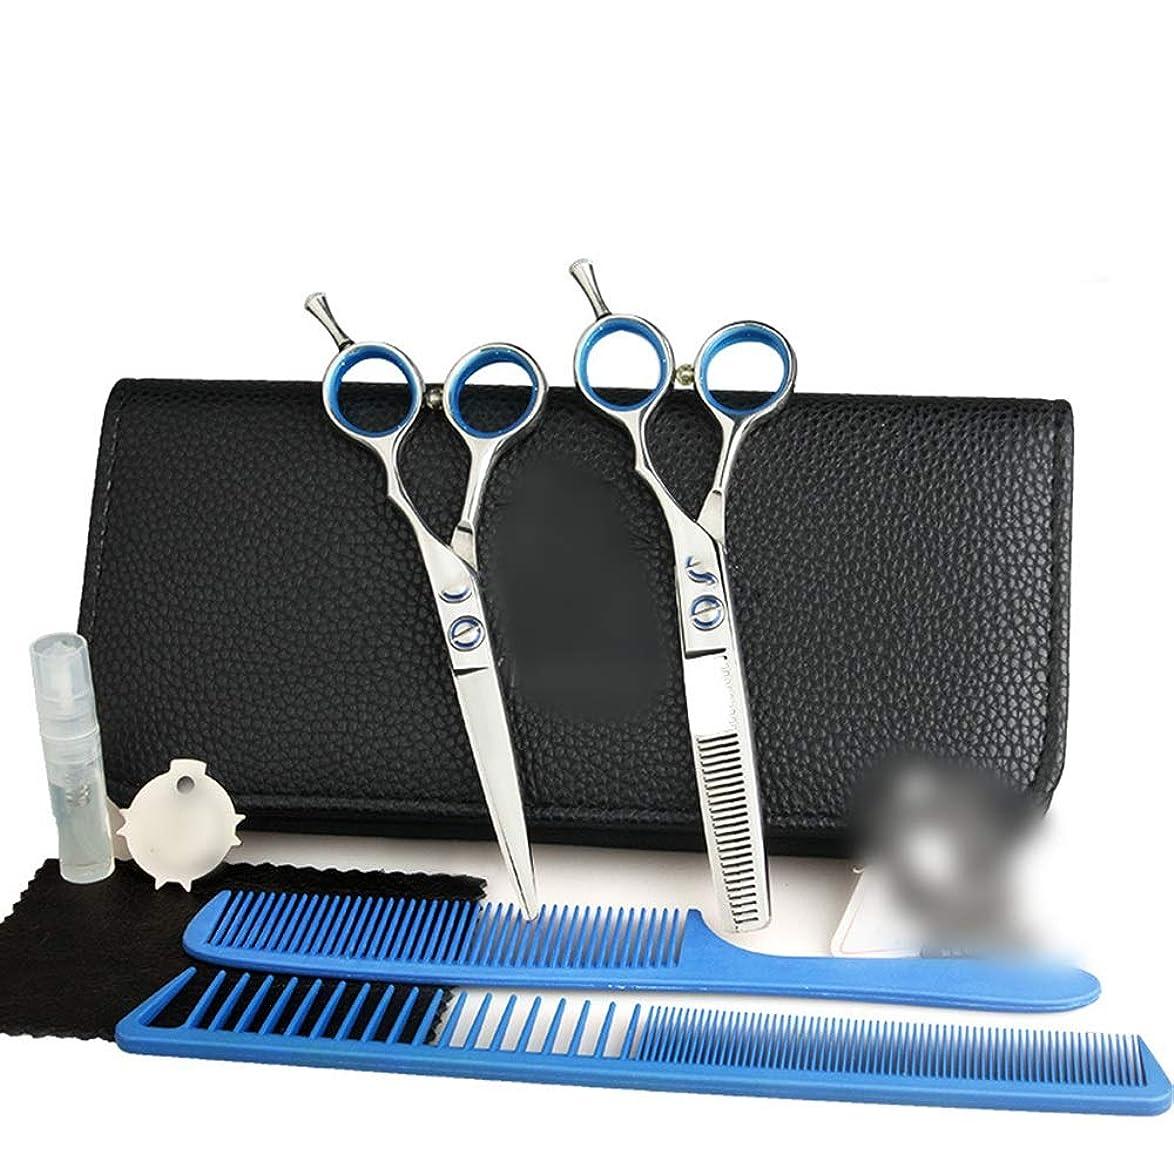 作るくしゃみ保険5.5インチ理髪はさみセット、フラット+歯シザー理髪はさみツールセット モデリングツール (色 : Silver)